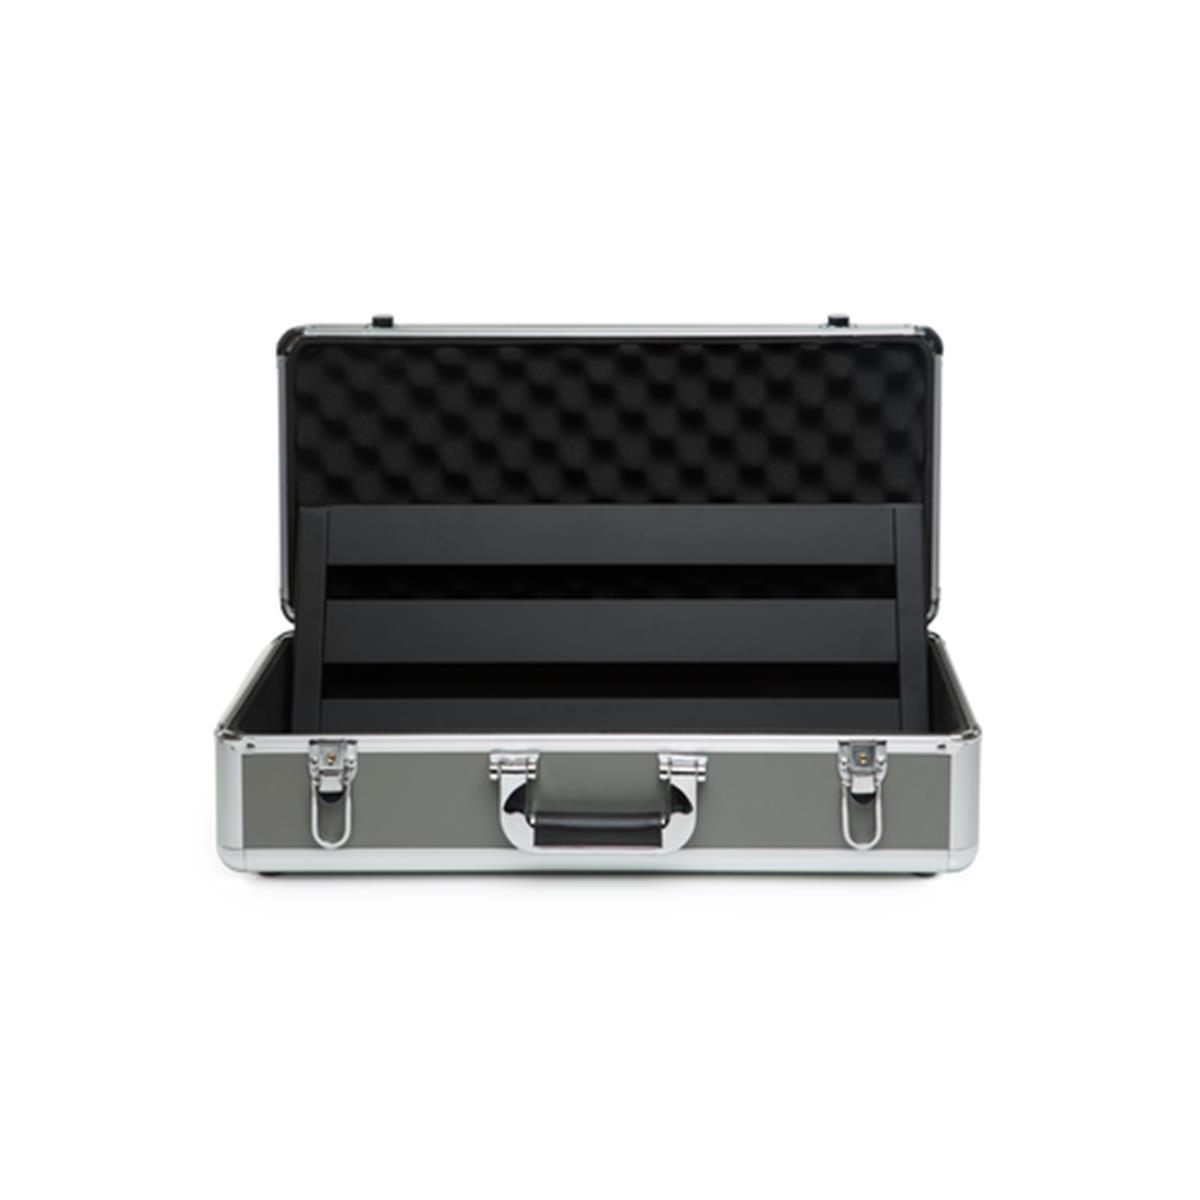 PEDALTRAIN METRO 20 HARD CASE  pedal board